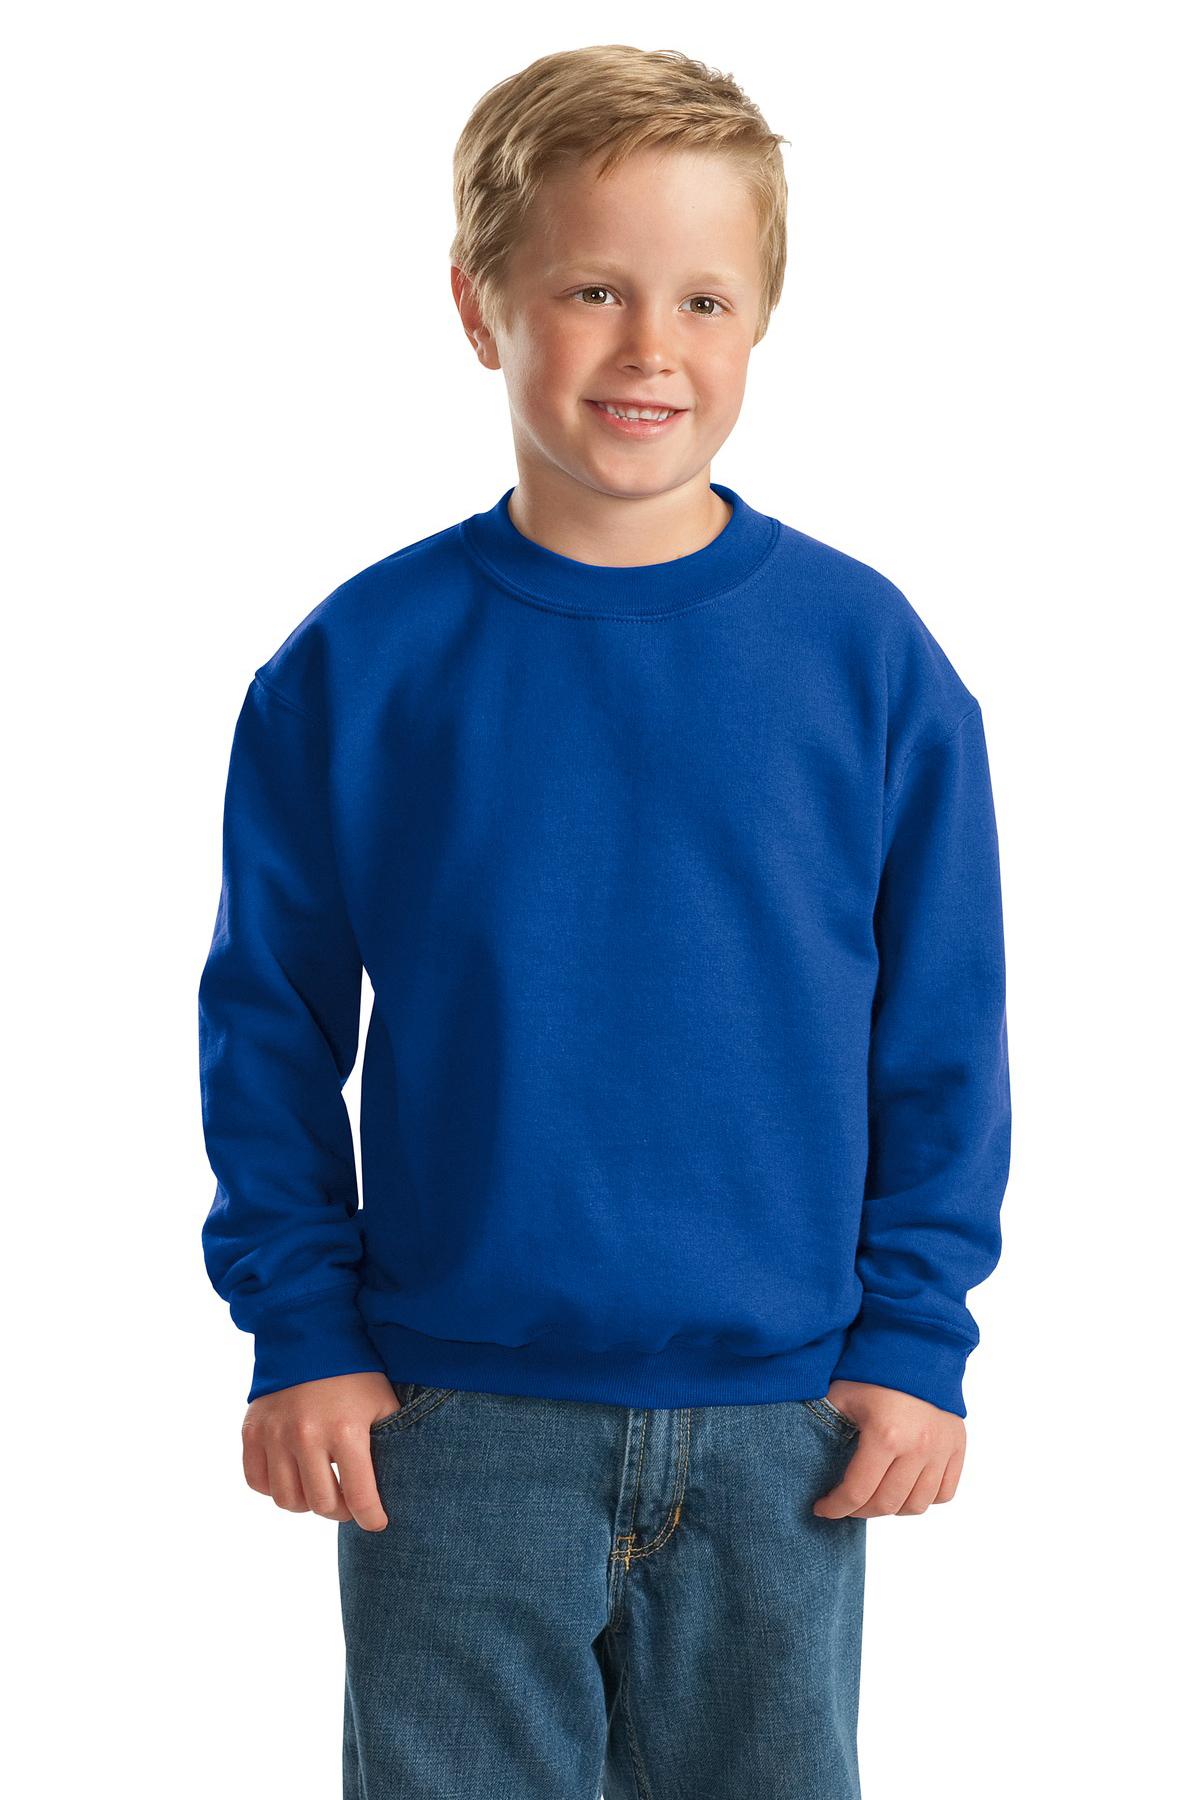 Sweatshirts-Fleece-Crew-Necks-6